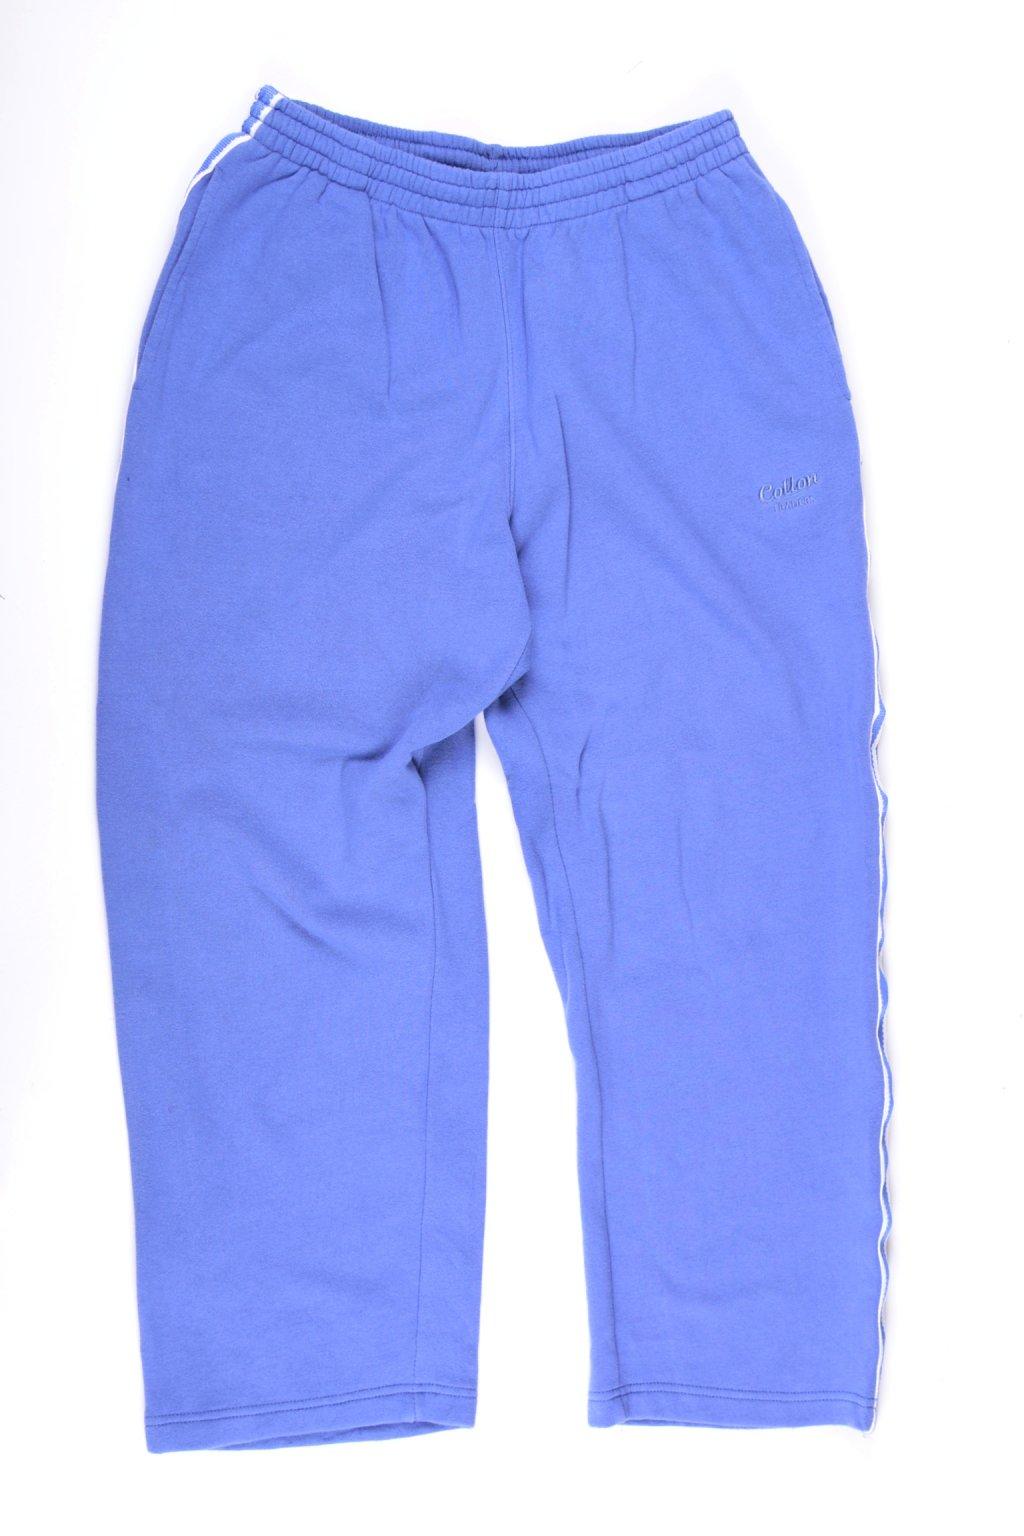 Tepláky Cotton vel M modré